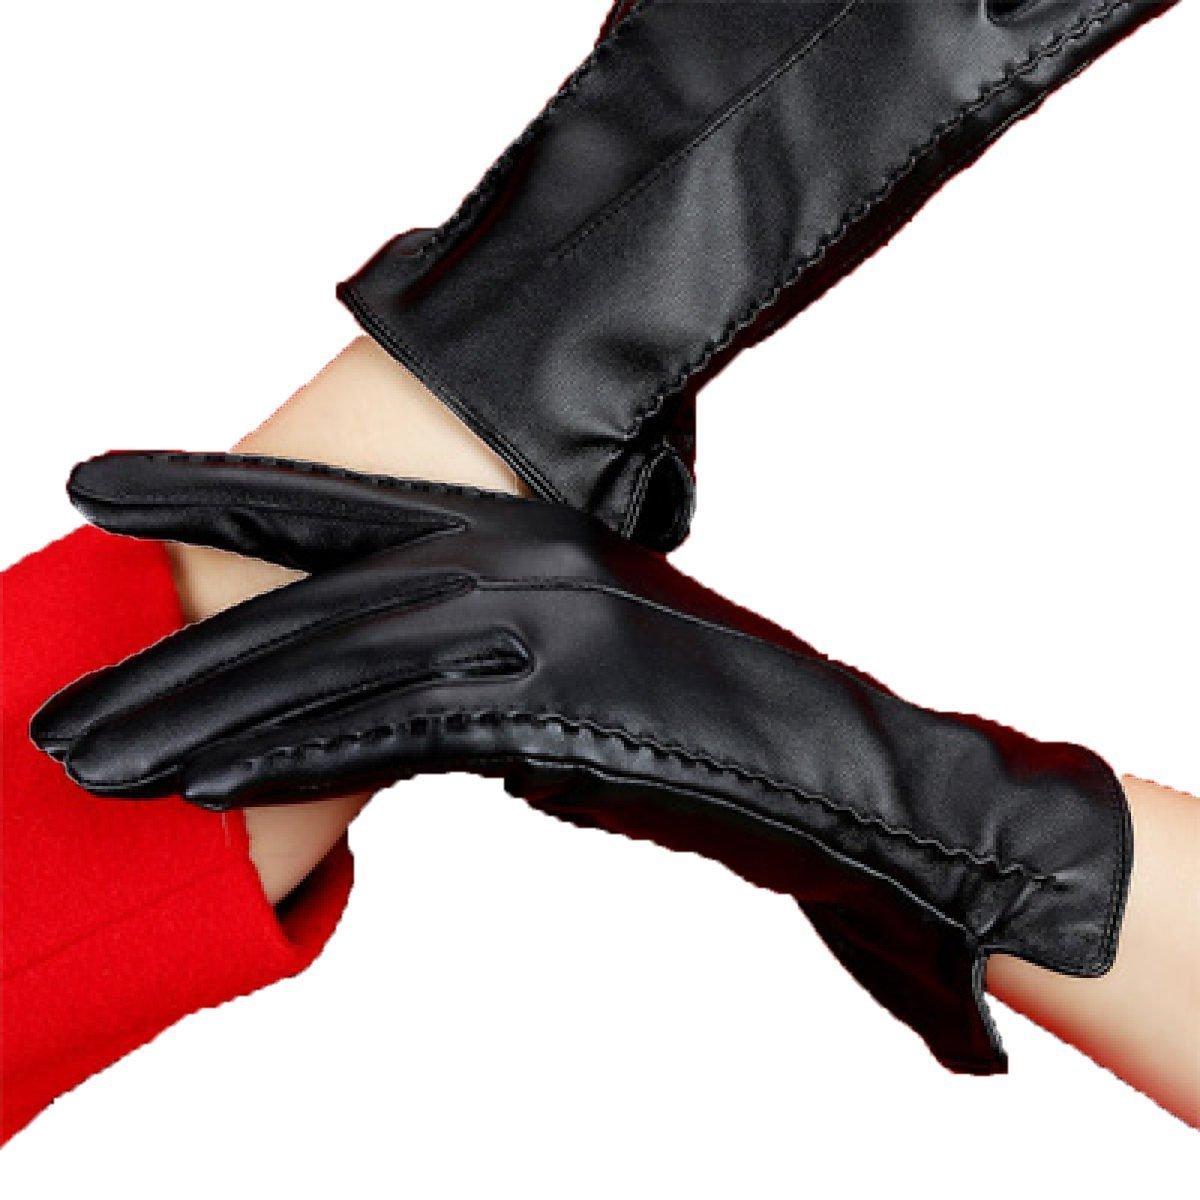 DIDIDD Guantes de mujer 'S Guantes de cuero Además de la cachemira, cálida y cálida,B,Un tamaño